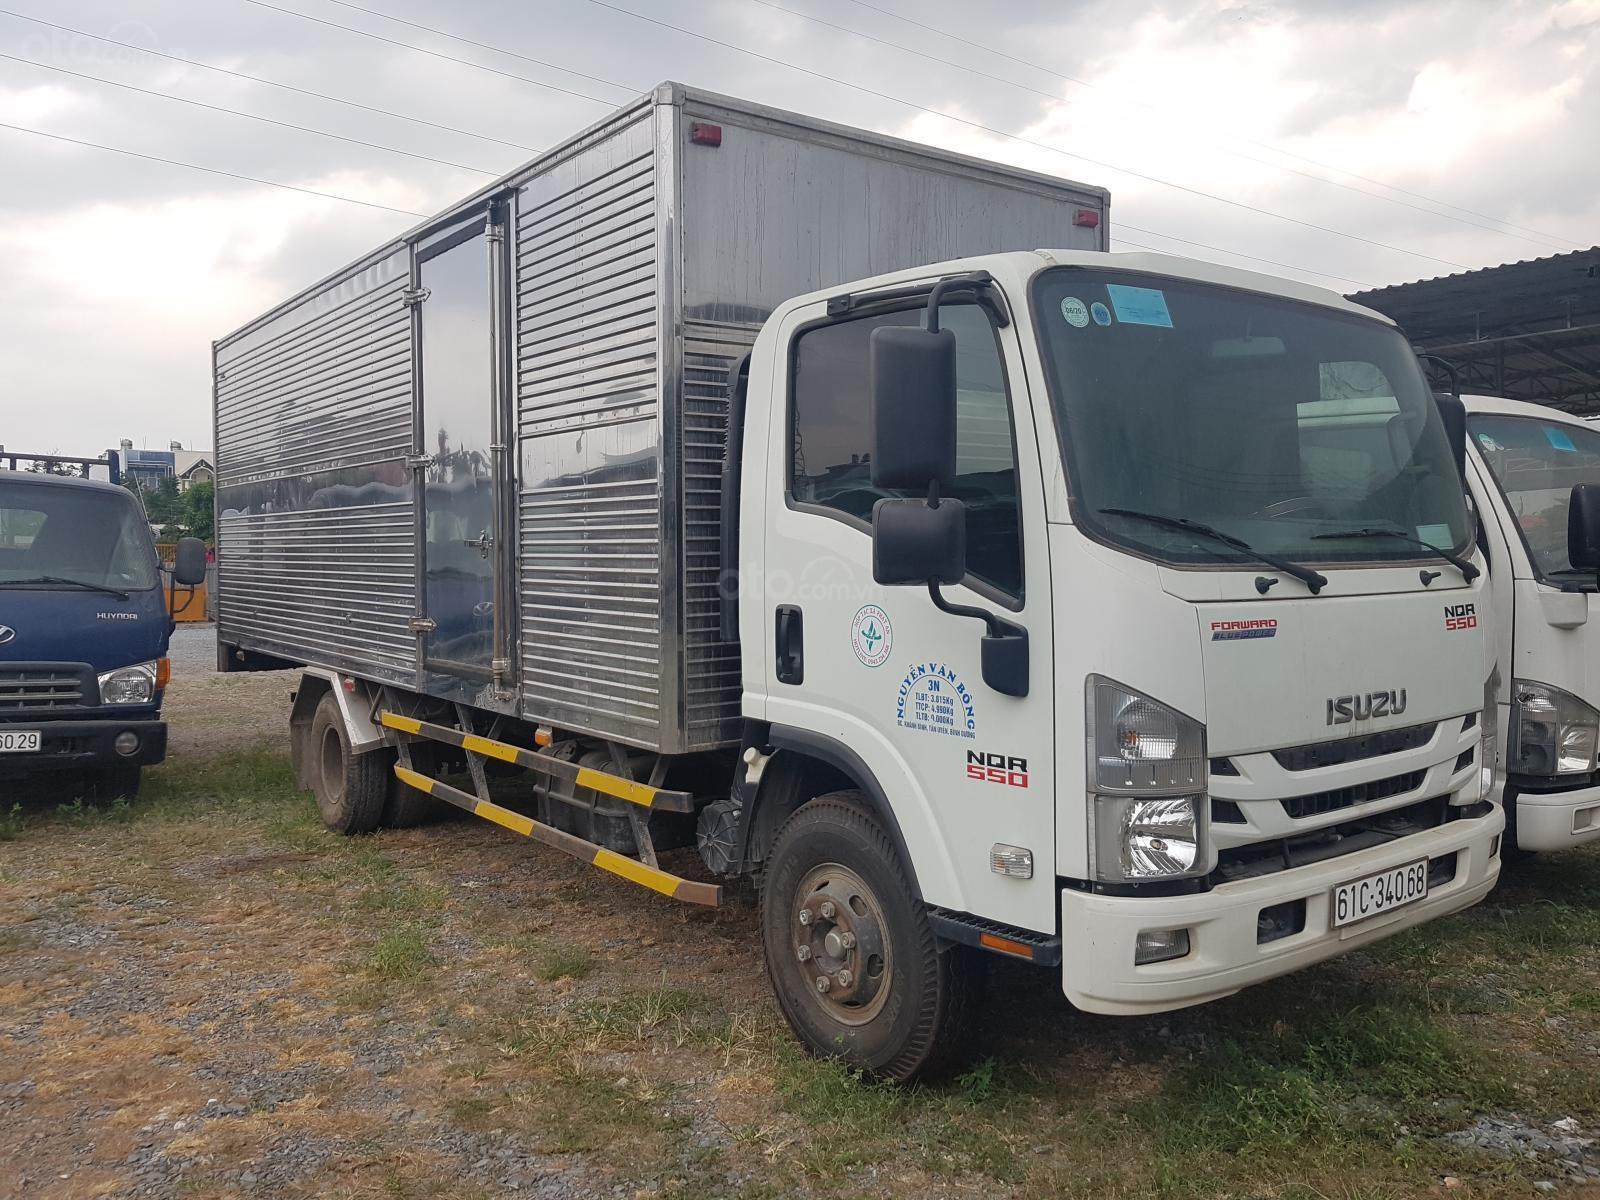 Ngân hàng thanh lý xe ô tô tải, xe khách giá rẻ chỉ từ 58 triệu đồng/chiếc - Ảnh 1.